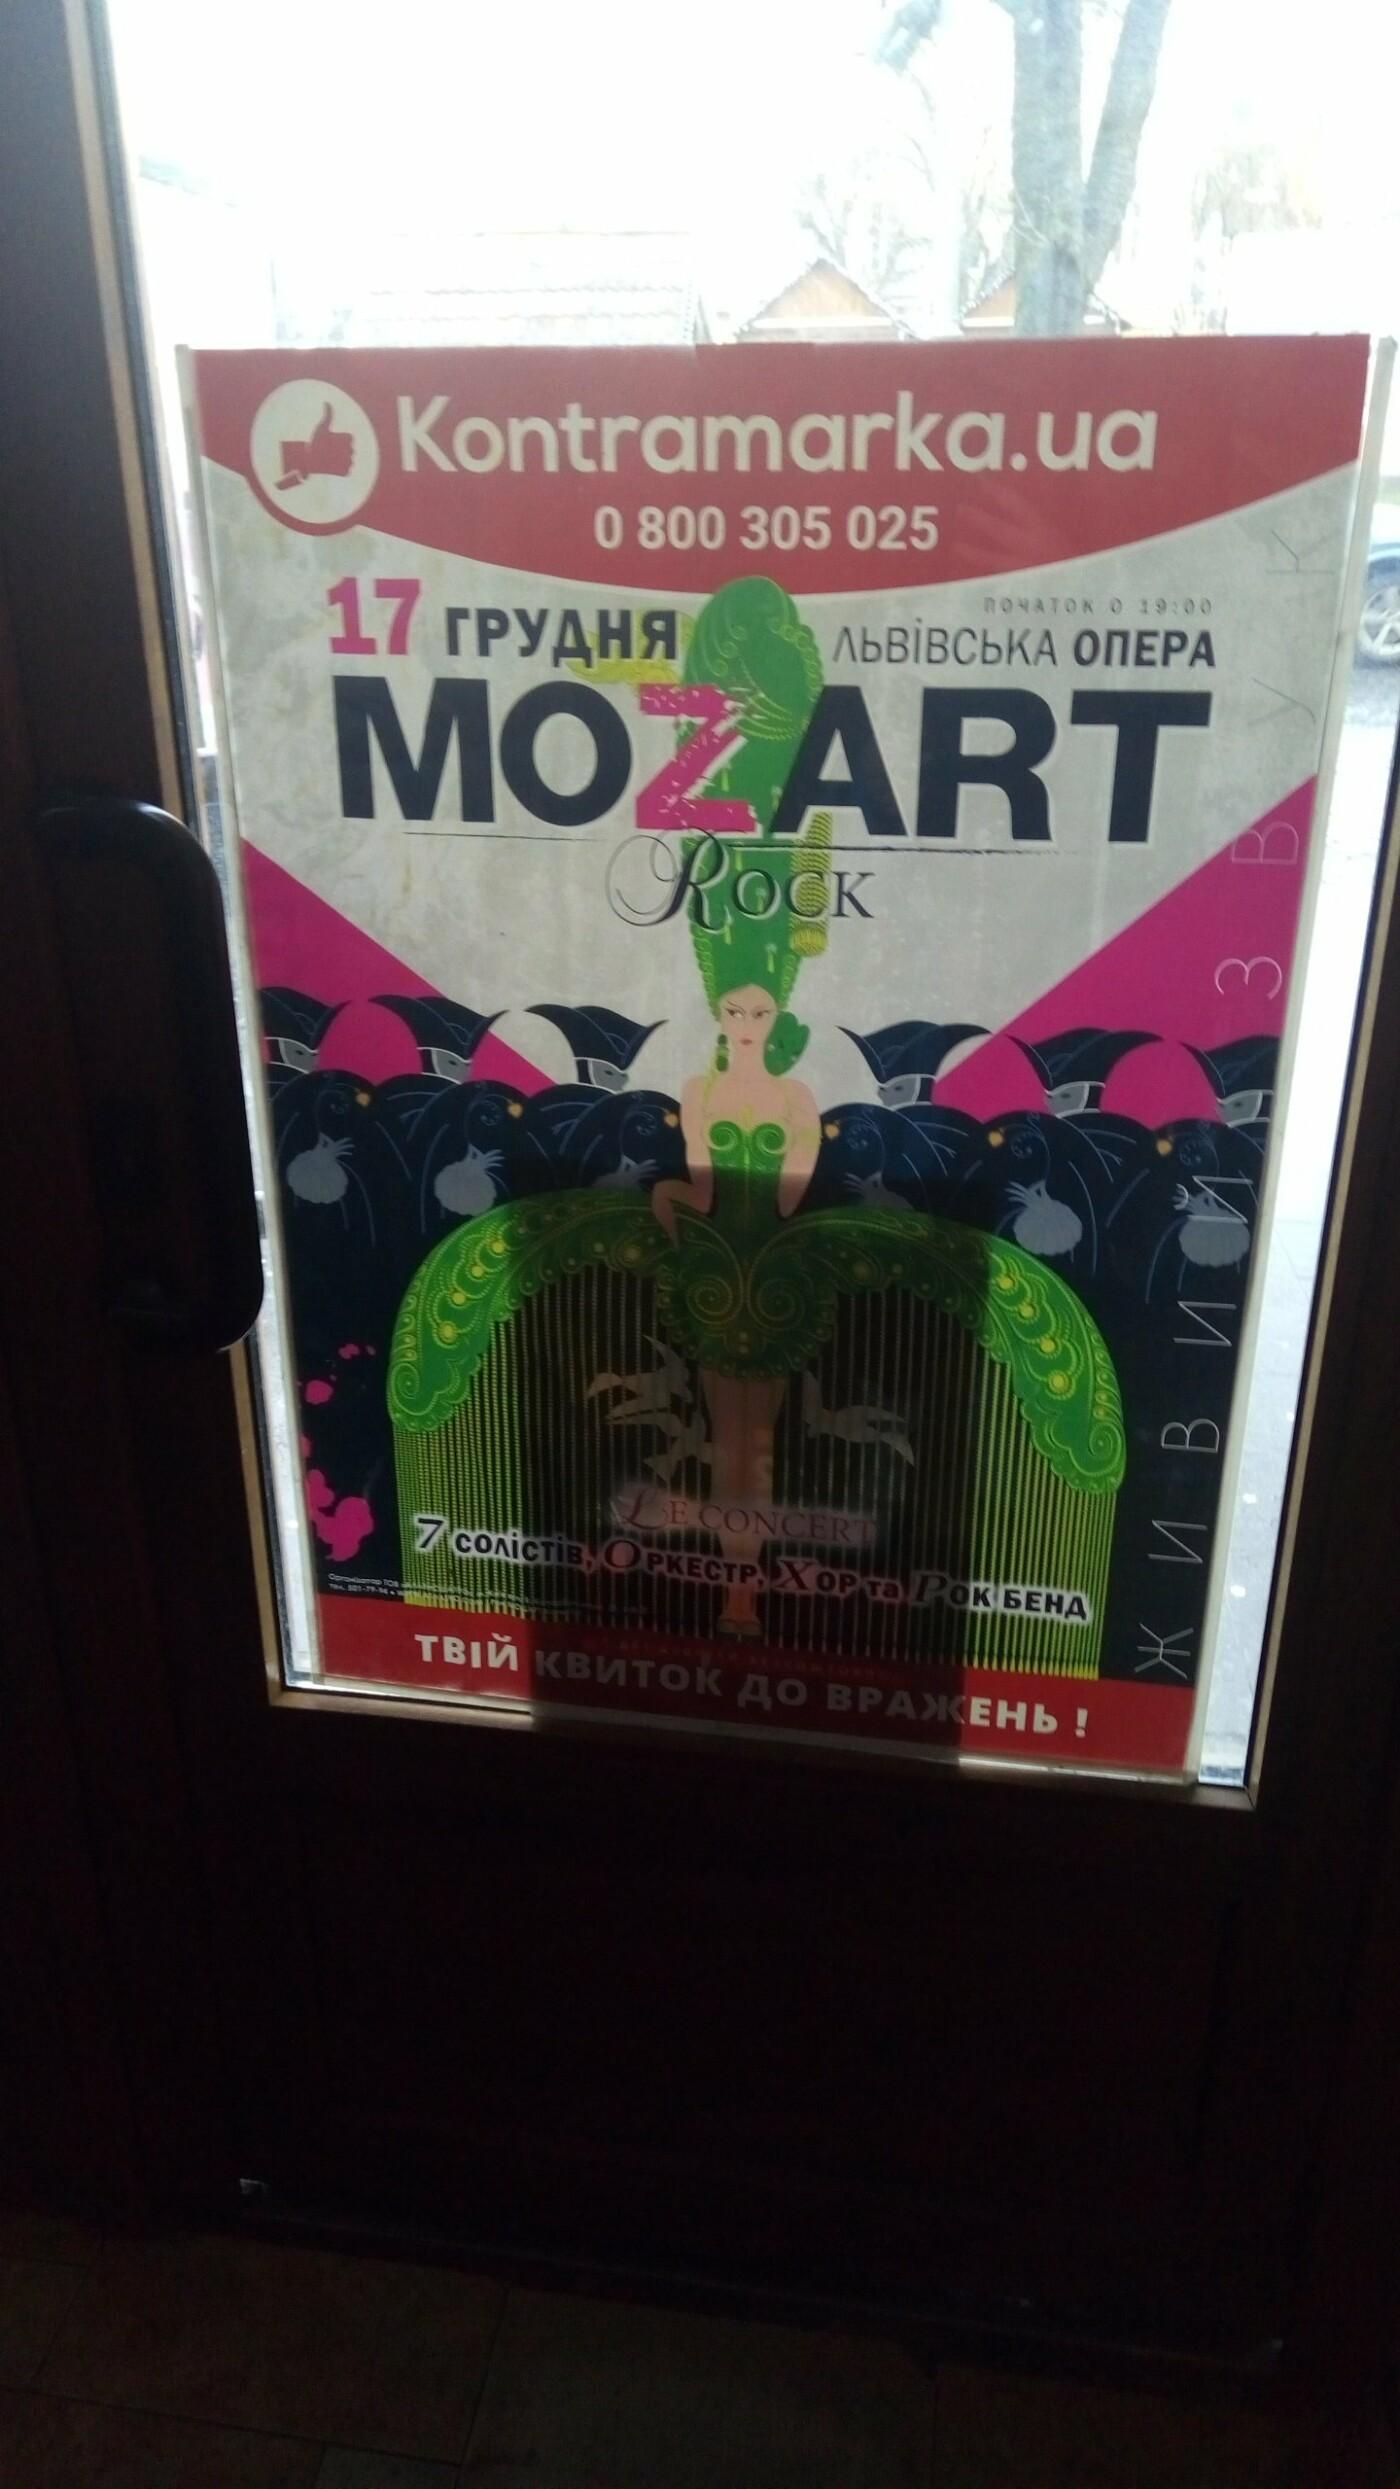 """У Львівській Опері покажуть українську копію рок-опери """"Моцарт"""", учасників якої підозрюють у плагіаті, фото-15"""